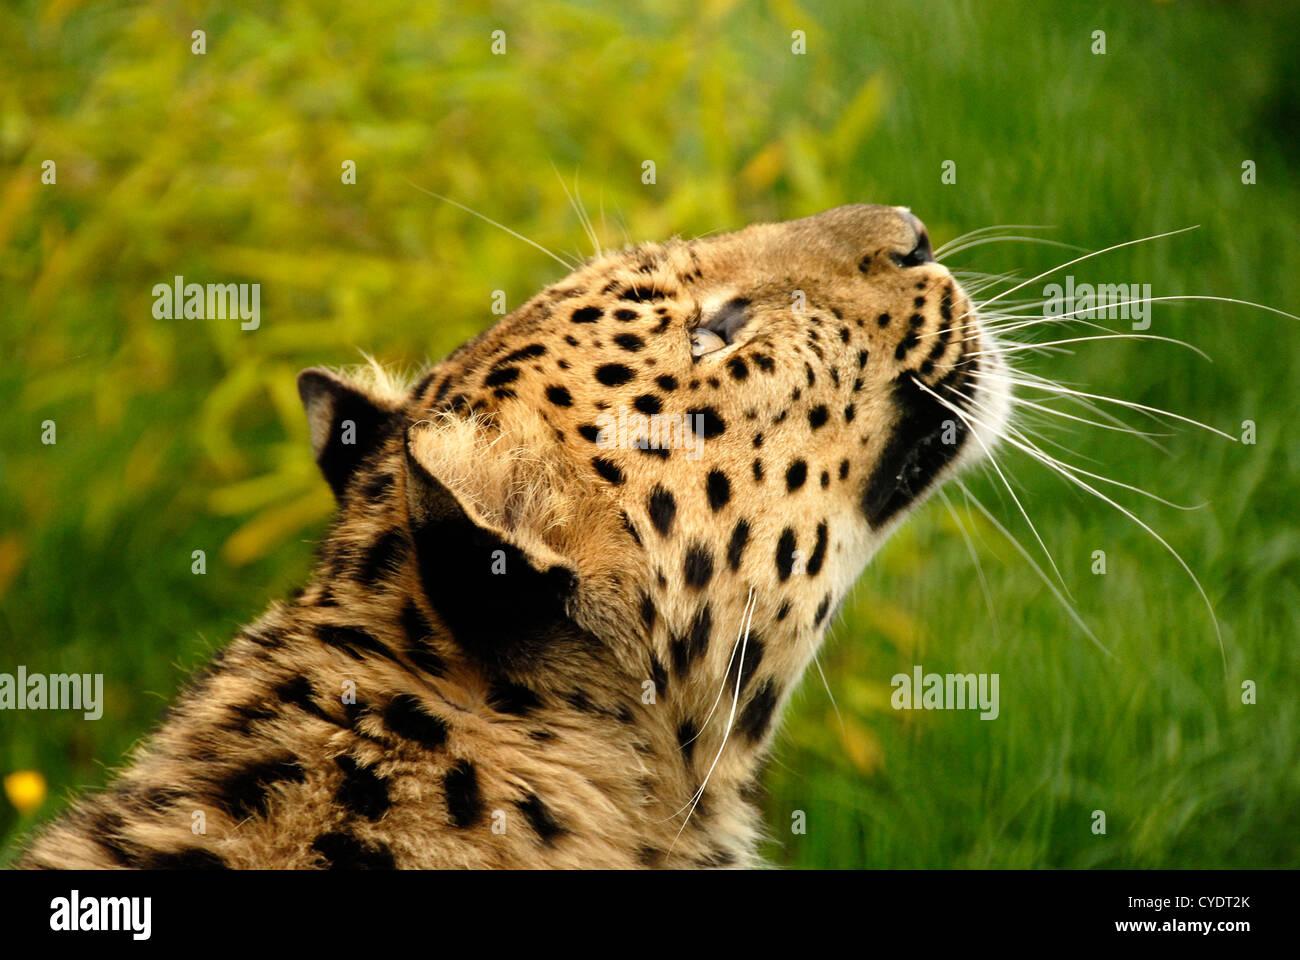 Amur Leopard close up looking toward up - Stock Image